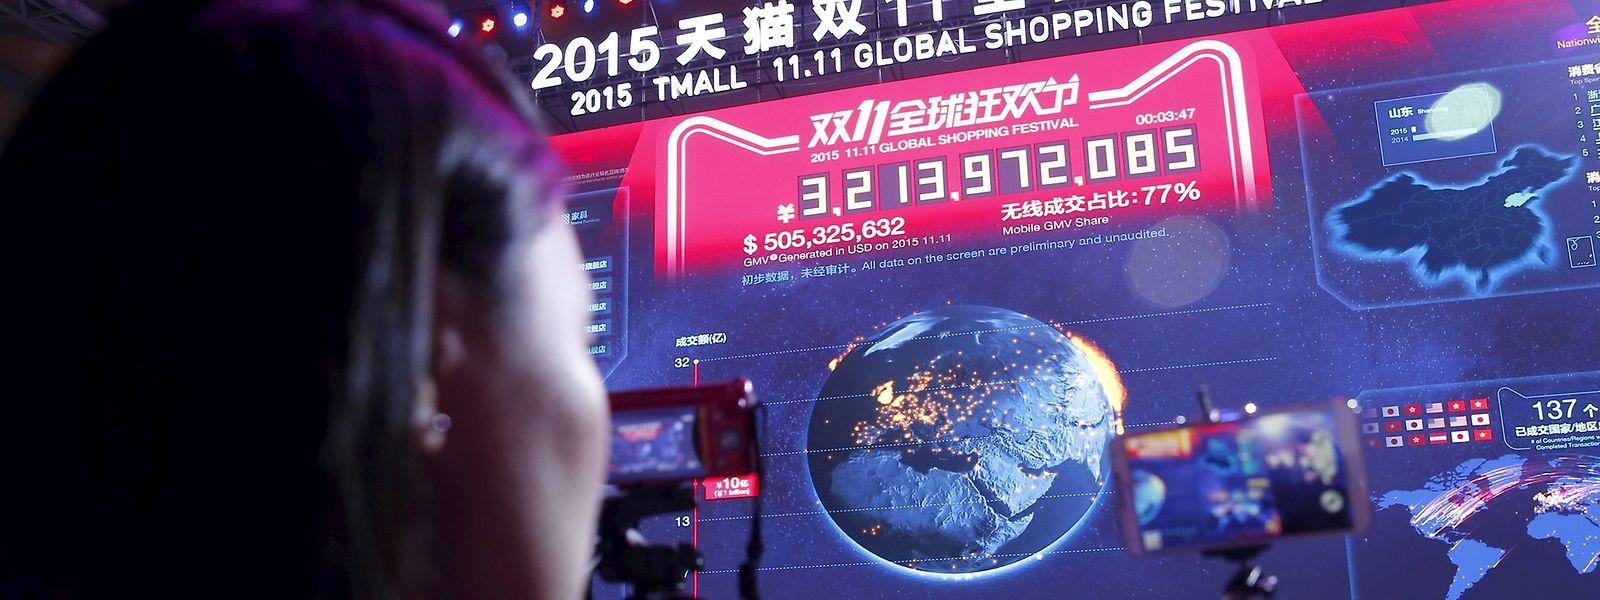 Live dabei: Die Verkaufszahlen erscheinen in Echtszeit auf dem Megascreen